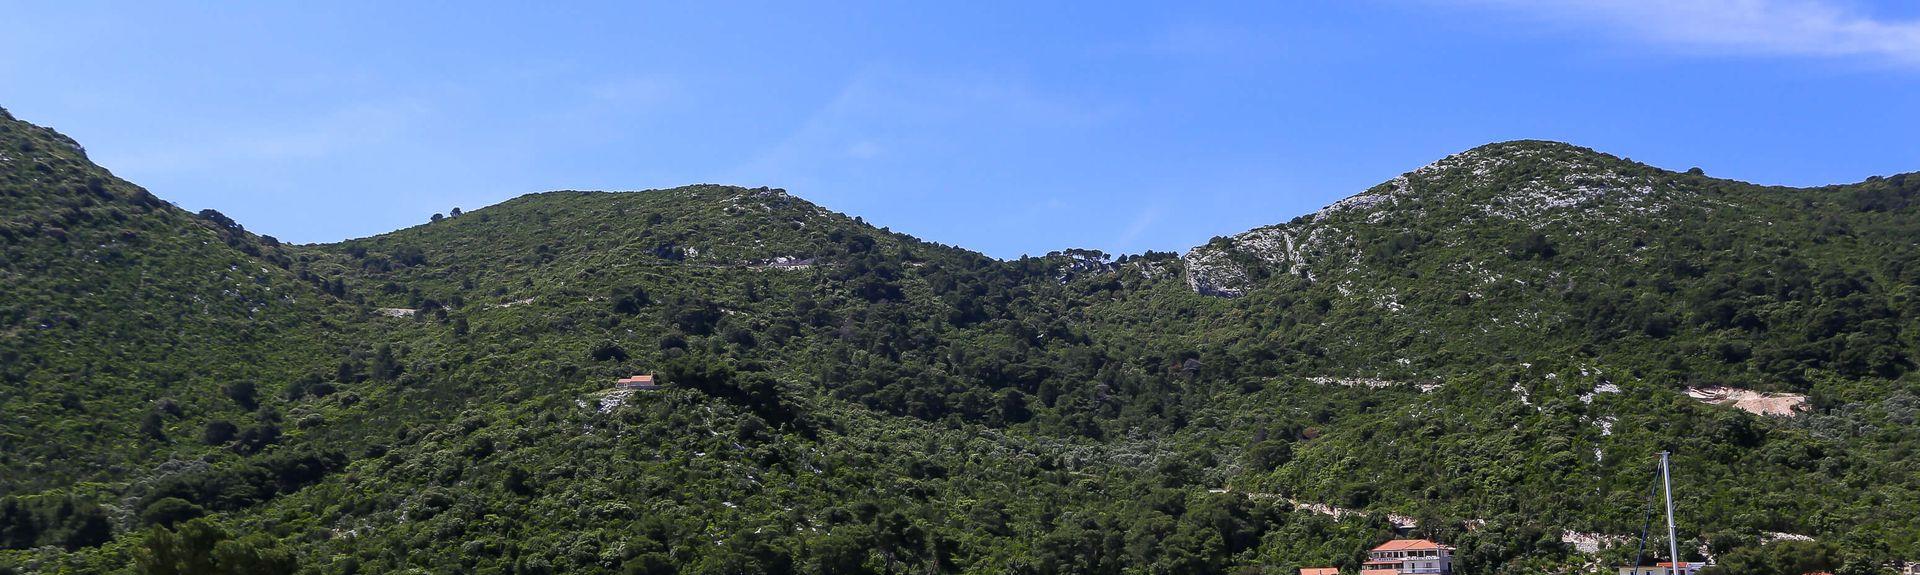 Putniković, Dubrovnik-Neretva County, Croatia